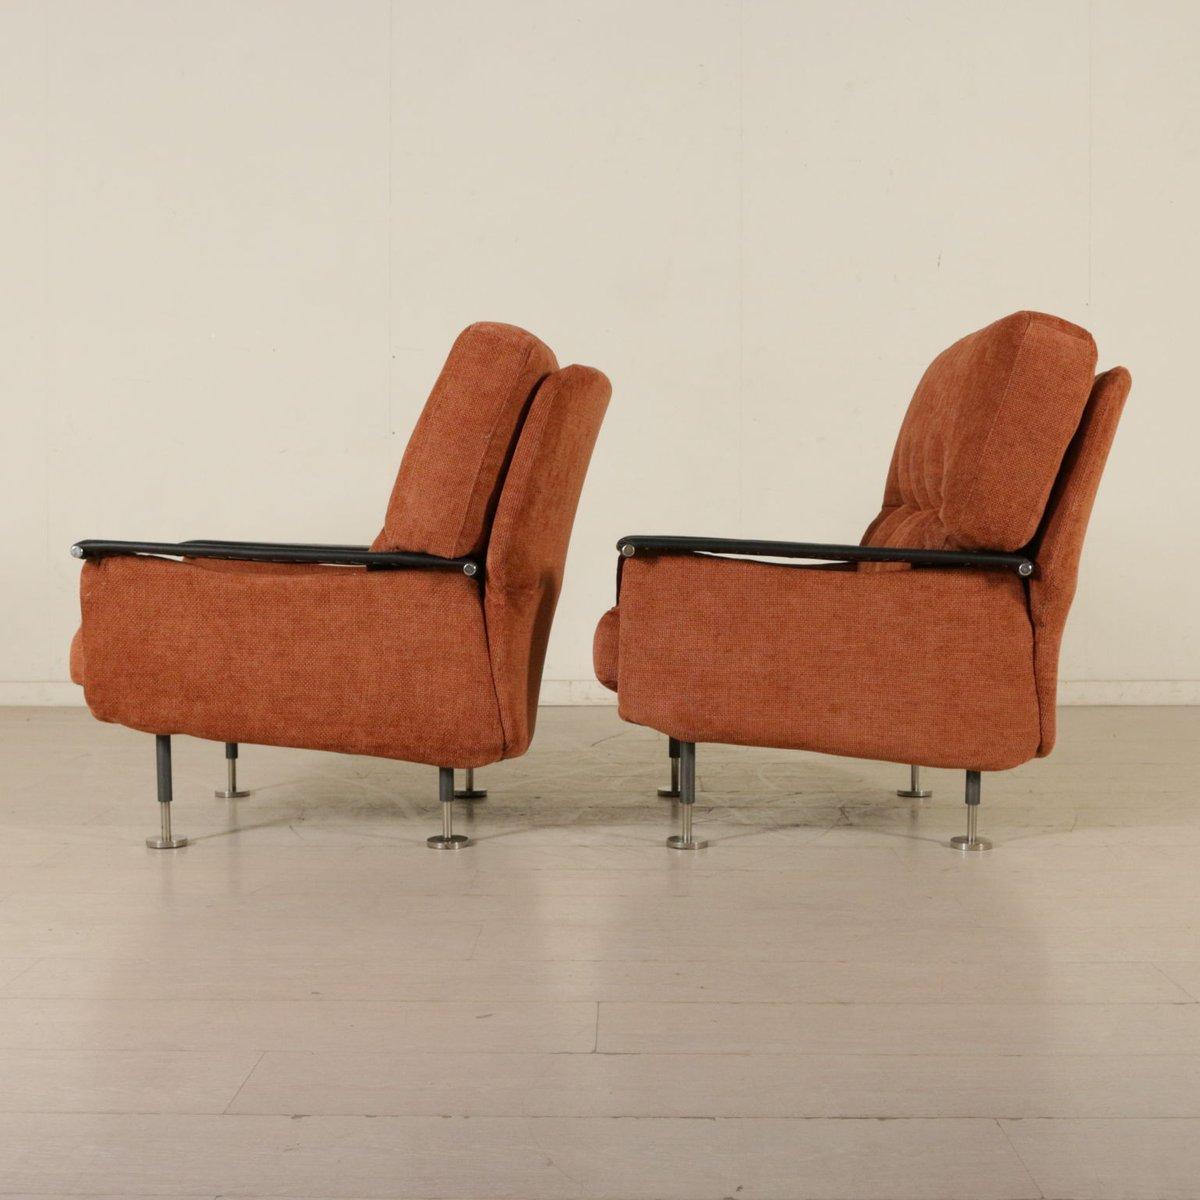 italienische sessel mit fu schemel 1960er 2er set bei pamono kaufen. Black Bedroom Furniture Sets. Home Design Ideas